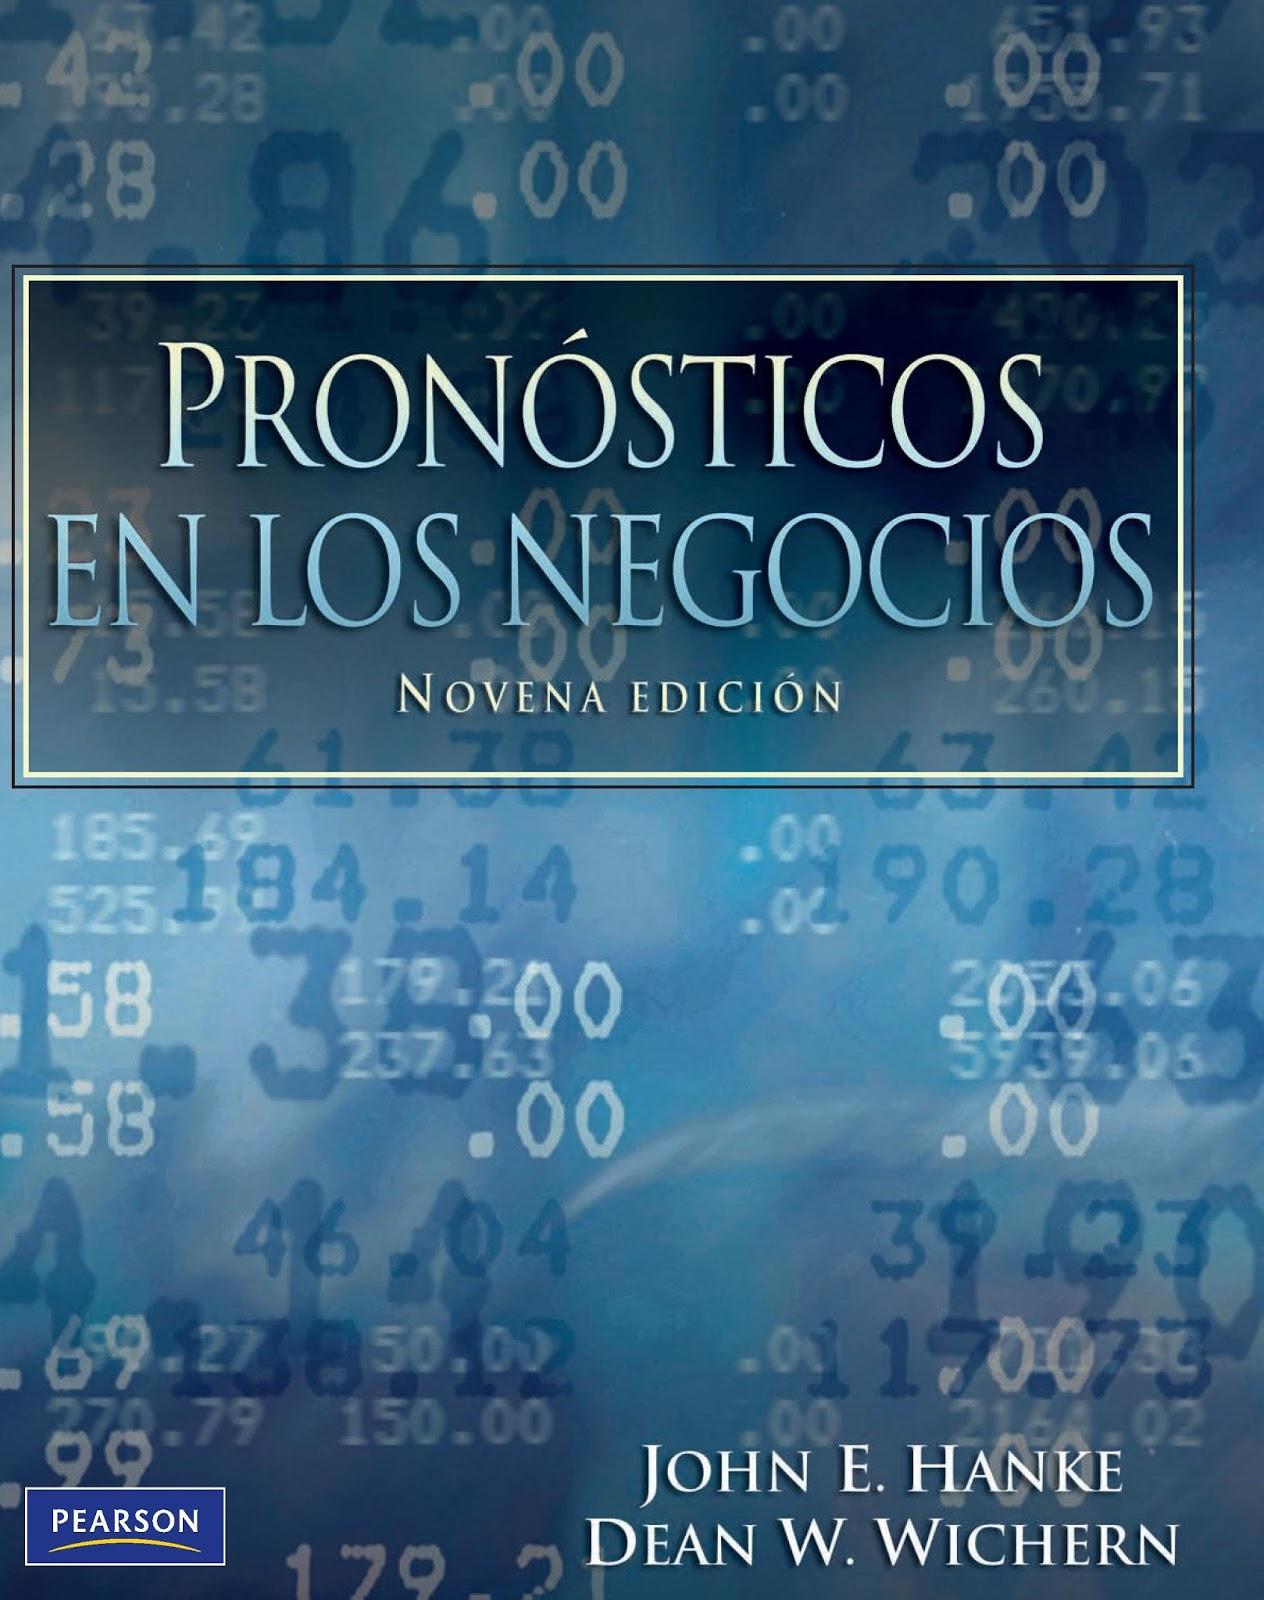 Pronósticos en los negocios, 9na. Edición – John E. Hanke